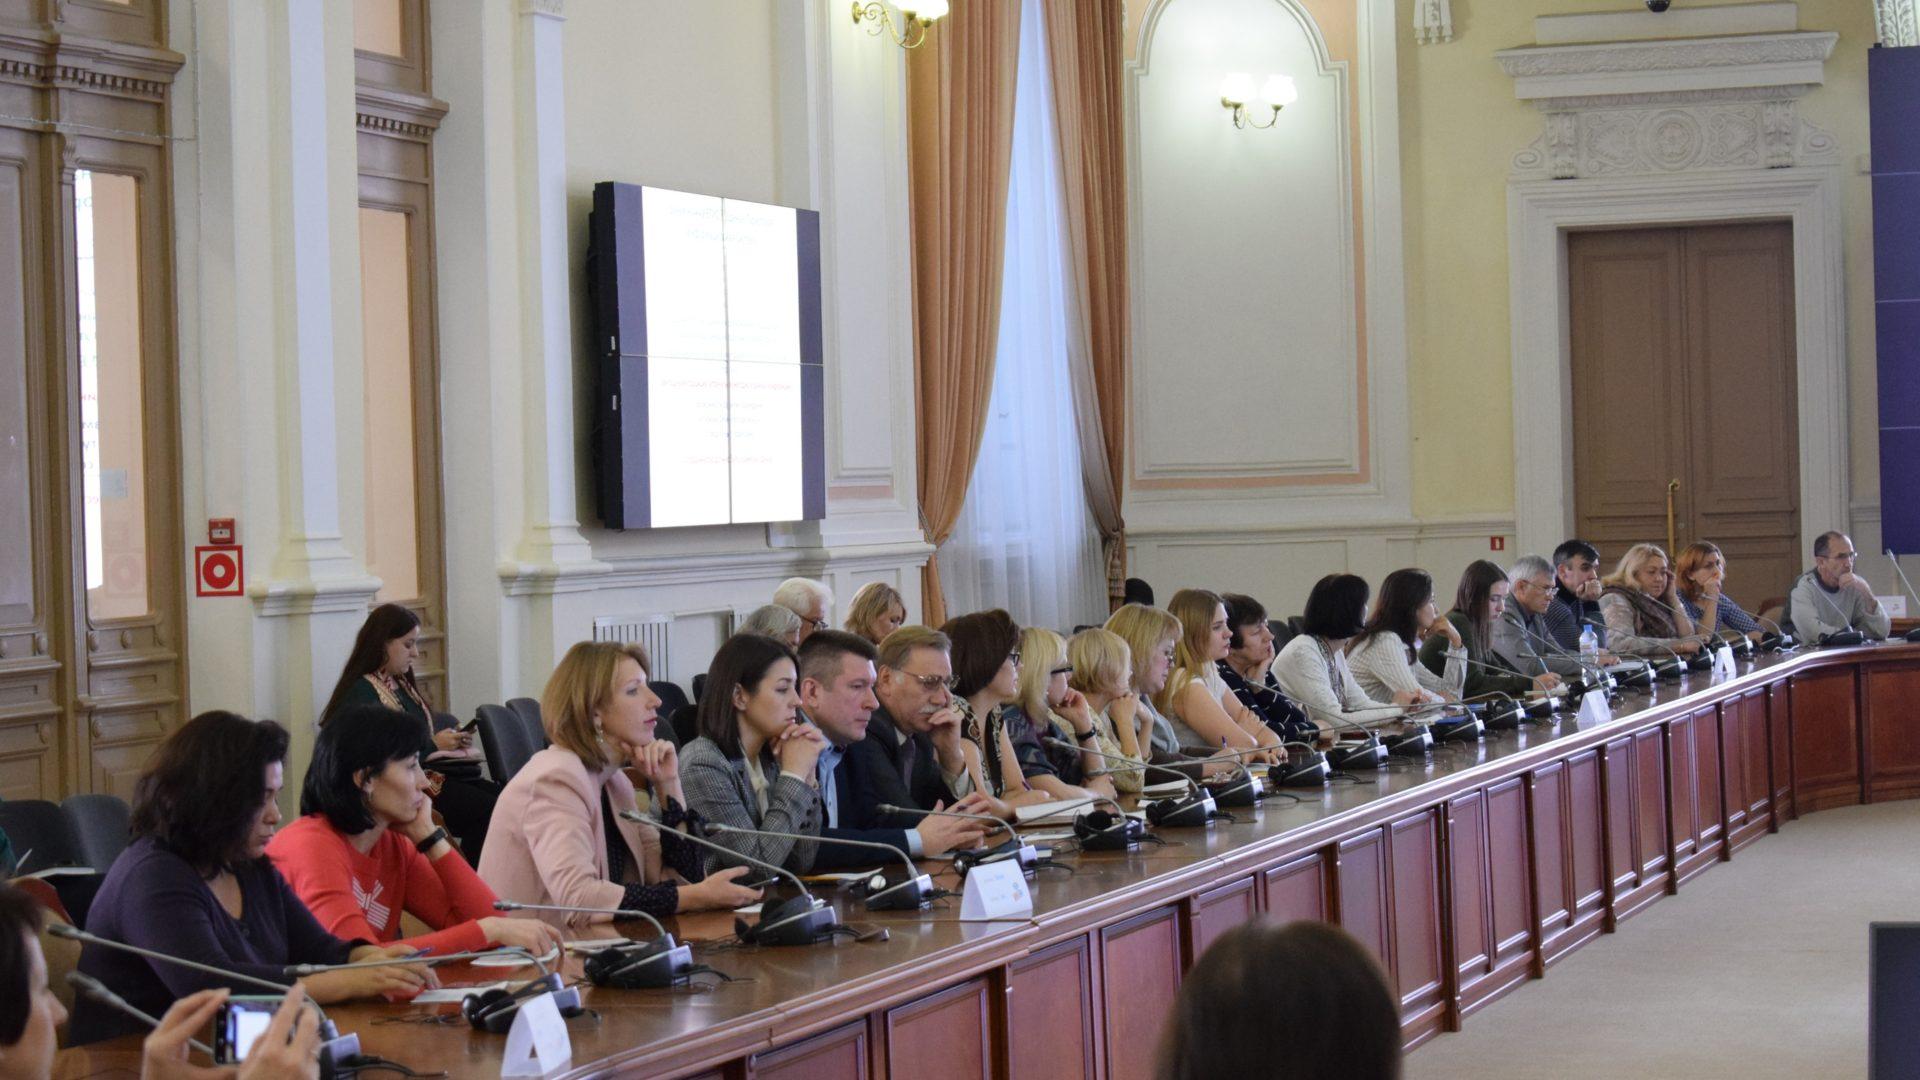 31 октября состоялся круглый стол «Новые технологии в сфере гостеприимства»